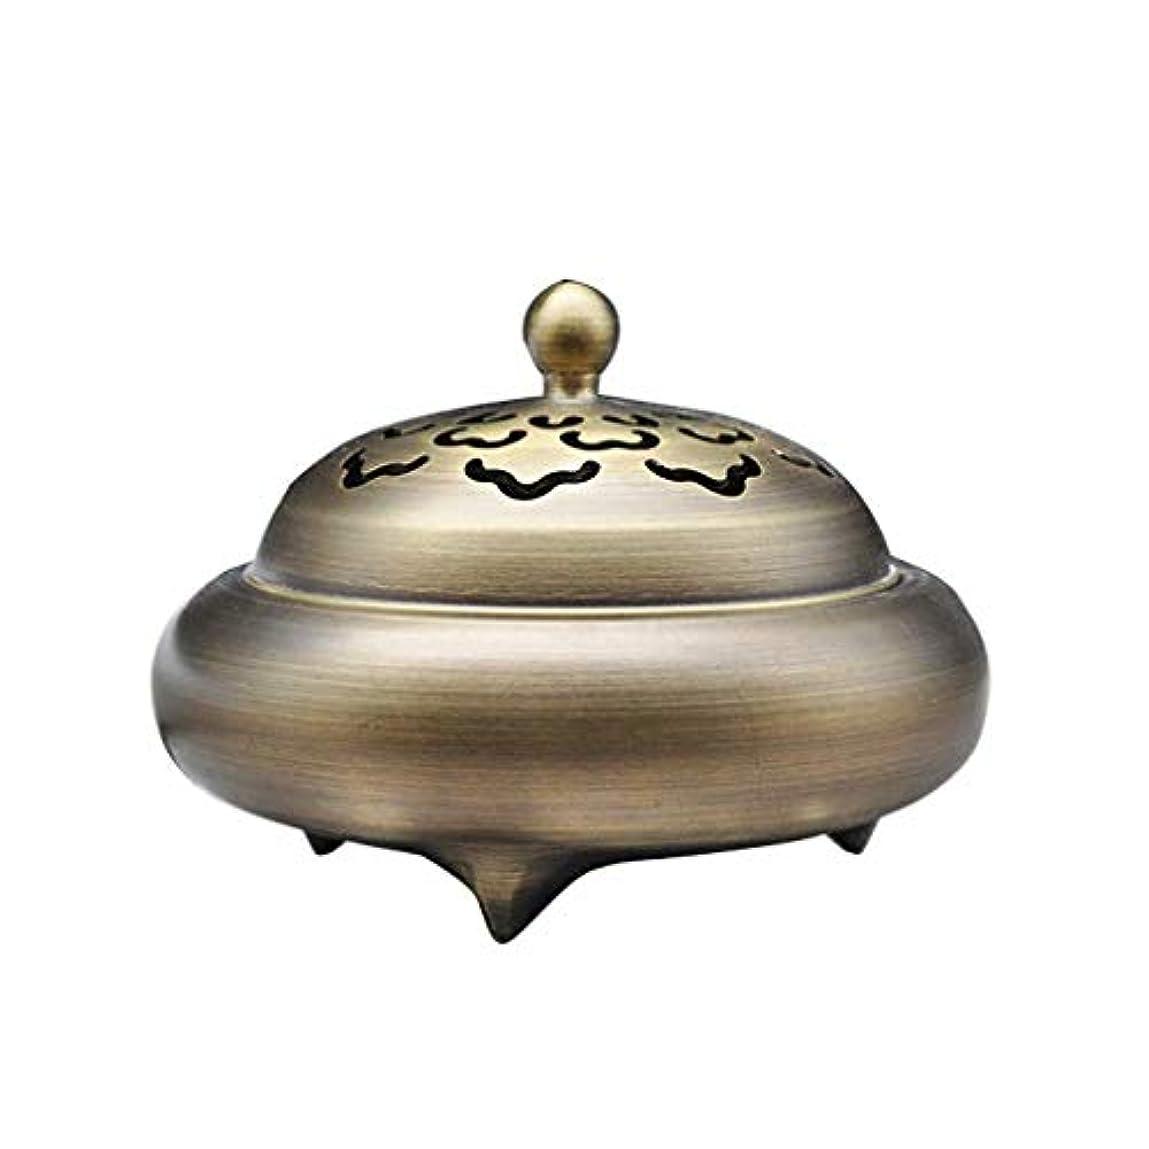 芳香器?アロマバーナー レトロバーナー純銅香バーナーホーム屋内白檀炉香バーナー香道路装飾 芳香器?アロマバーナー (Color : Brass)